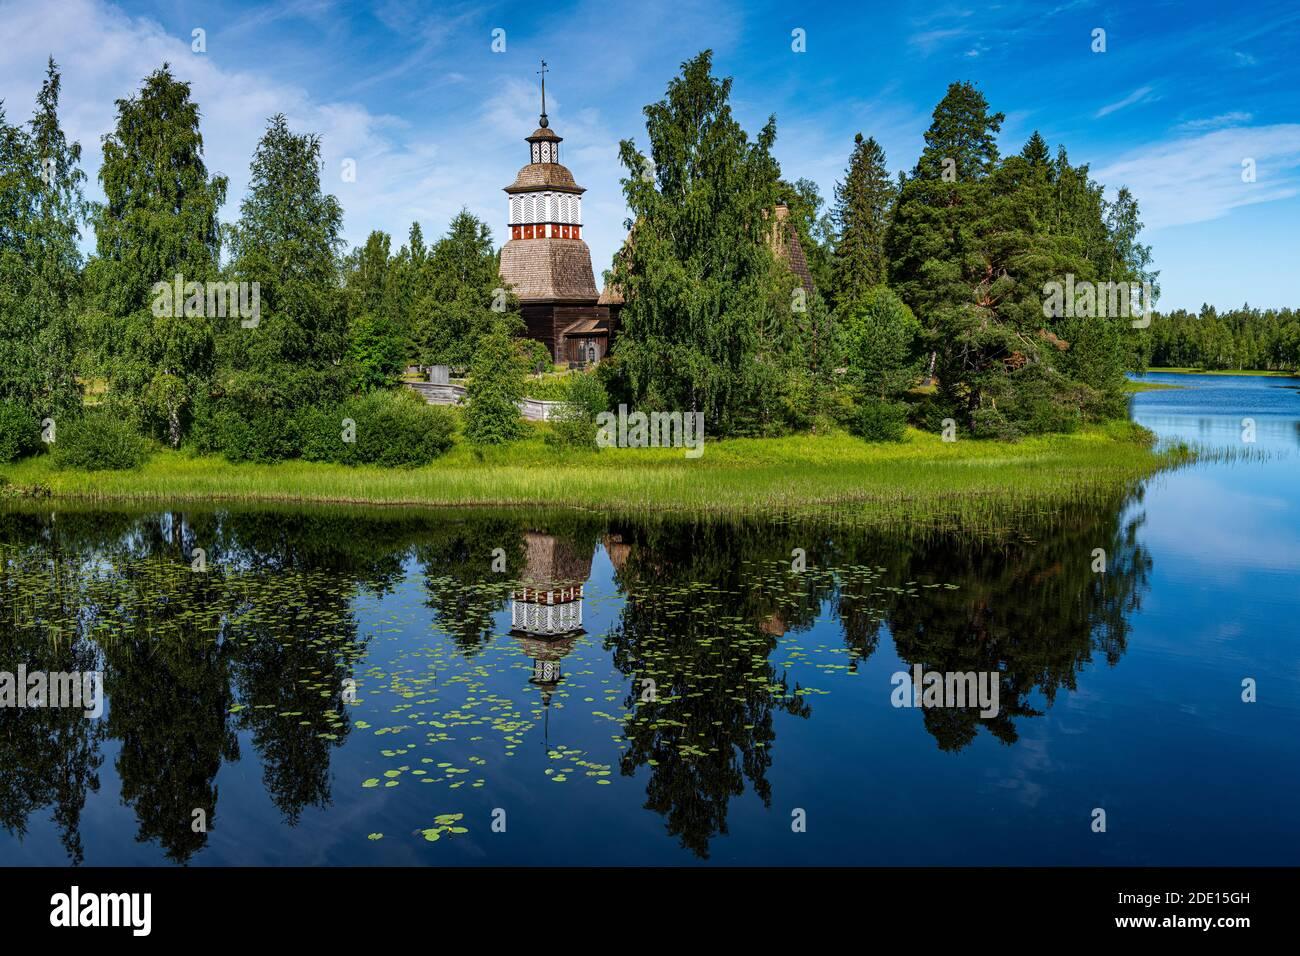 Antigua Iglesia de madera, Patrimonio de la Humanidad de la UNESCO, Petaejeveden (Petajavesi), Finlandia, Europa Foto de stock